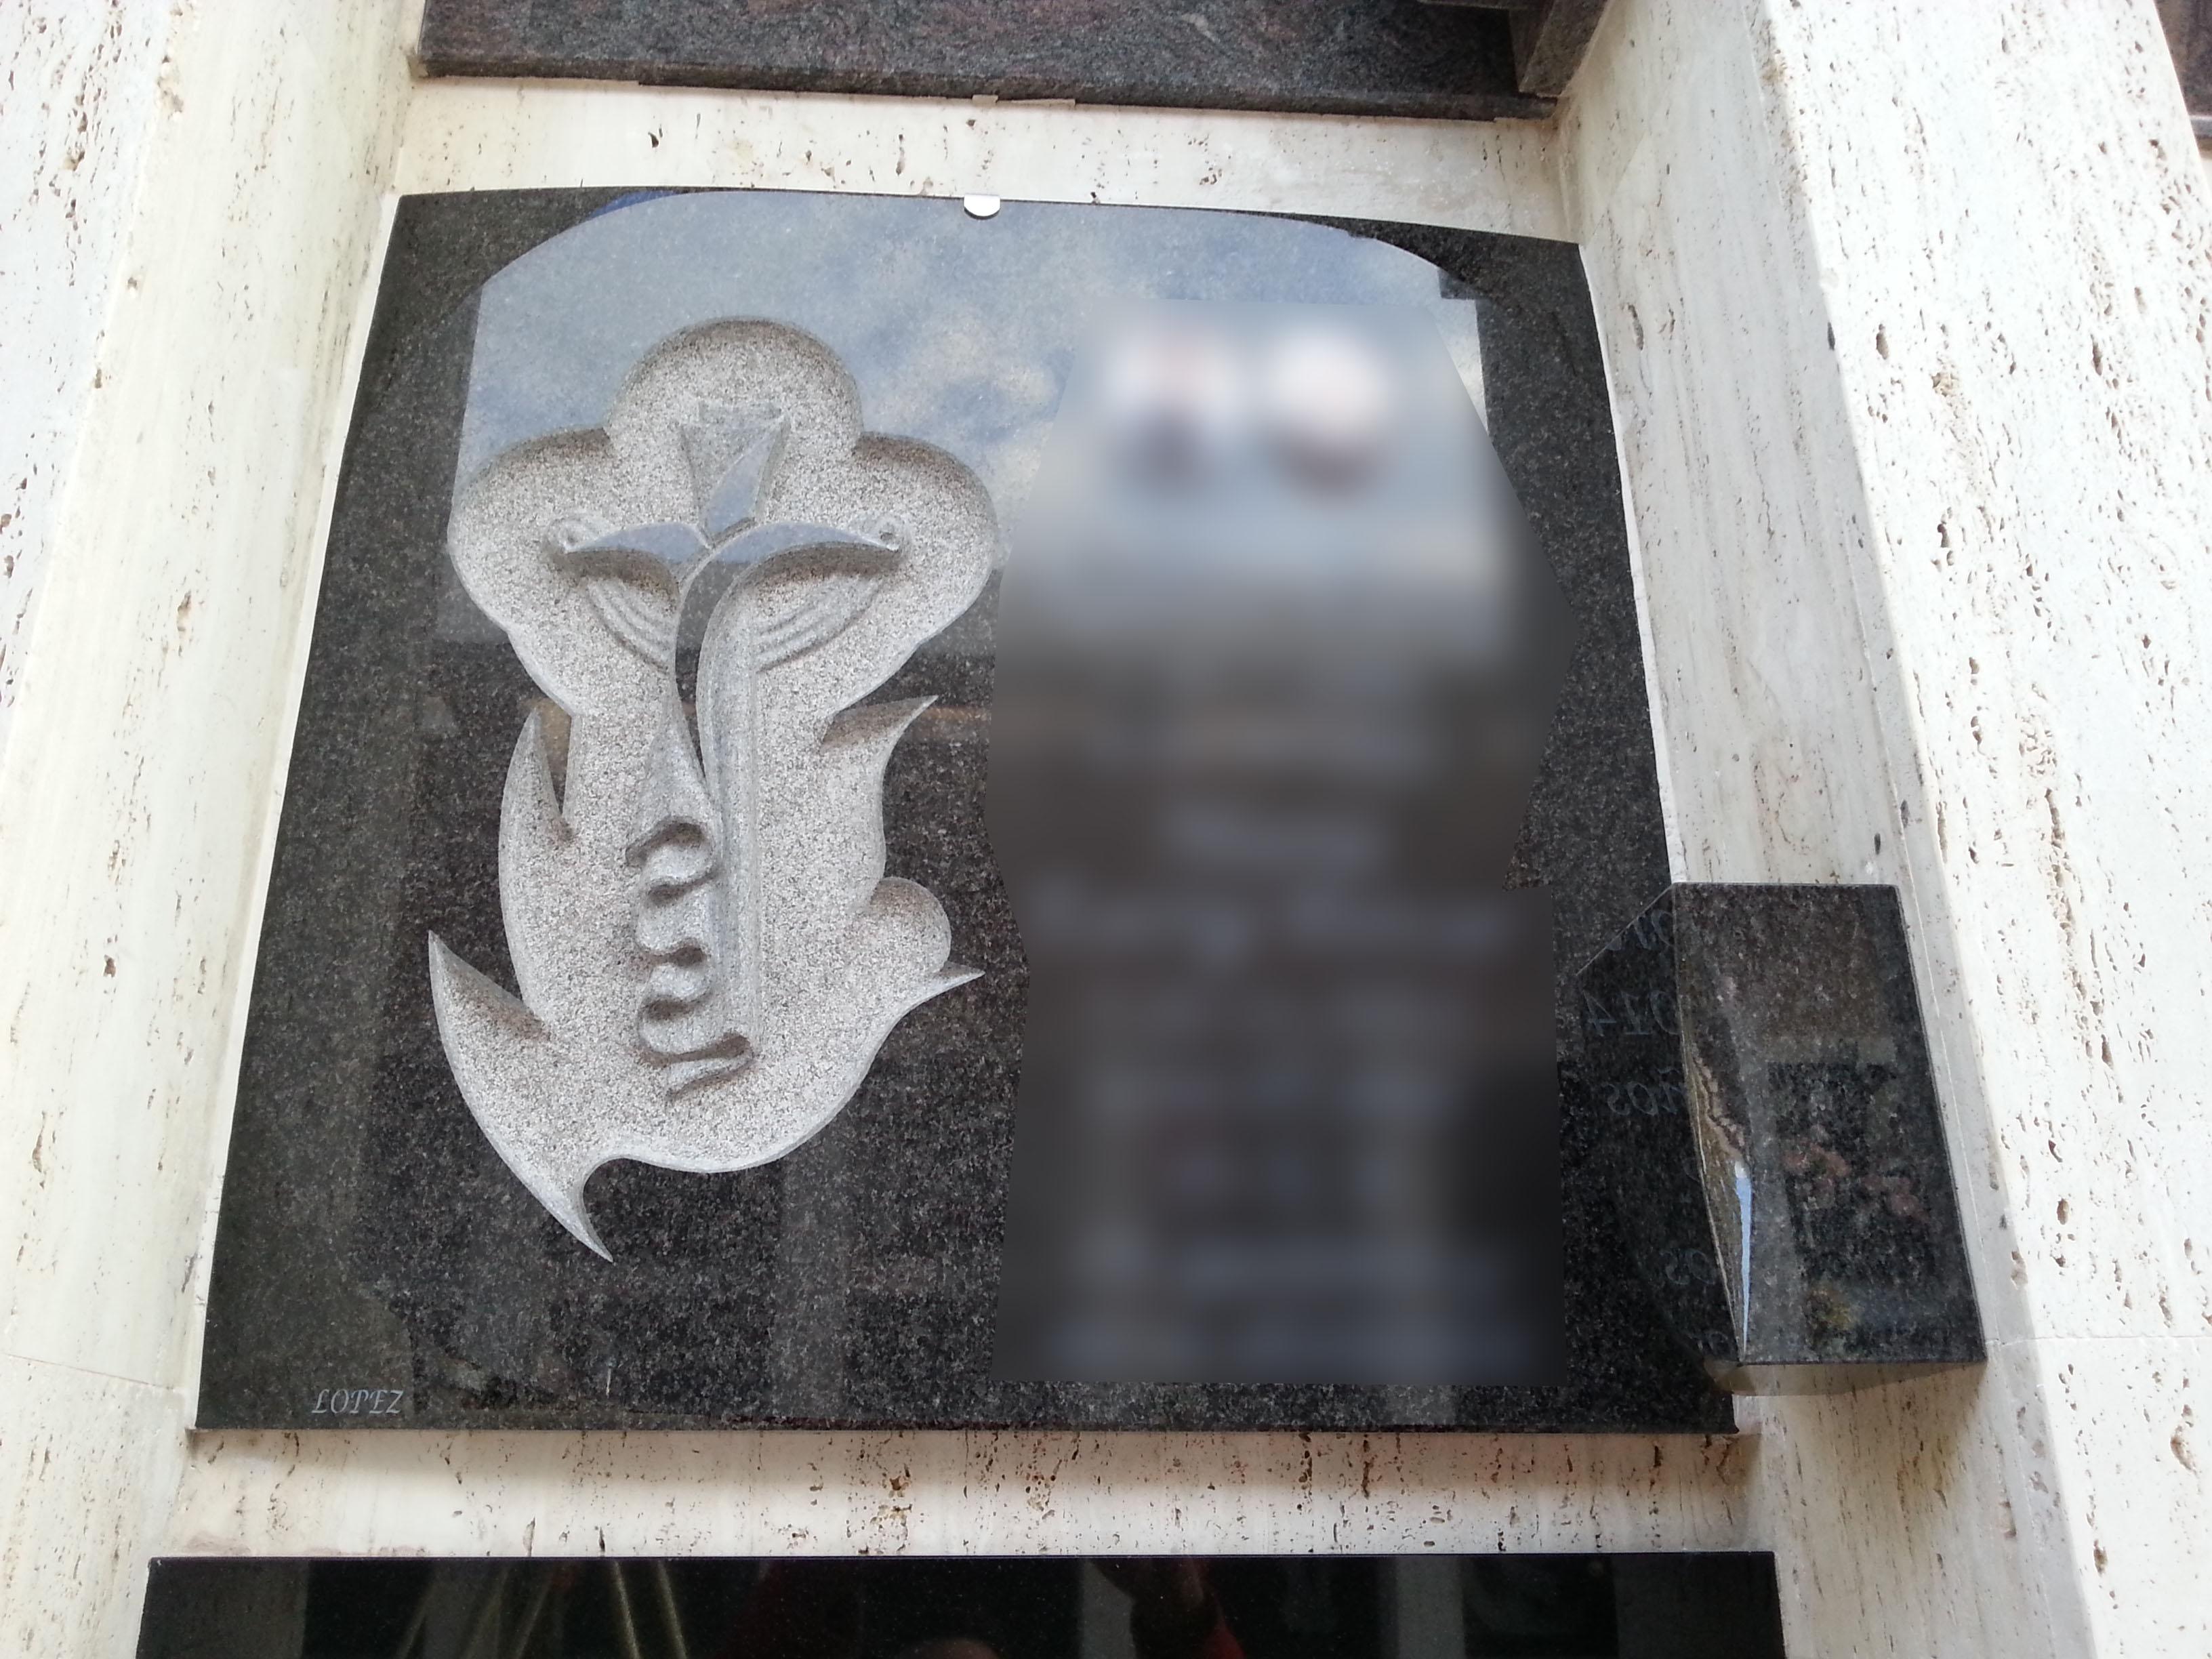 Lapida con cruz de manto y paloma